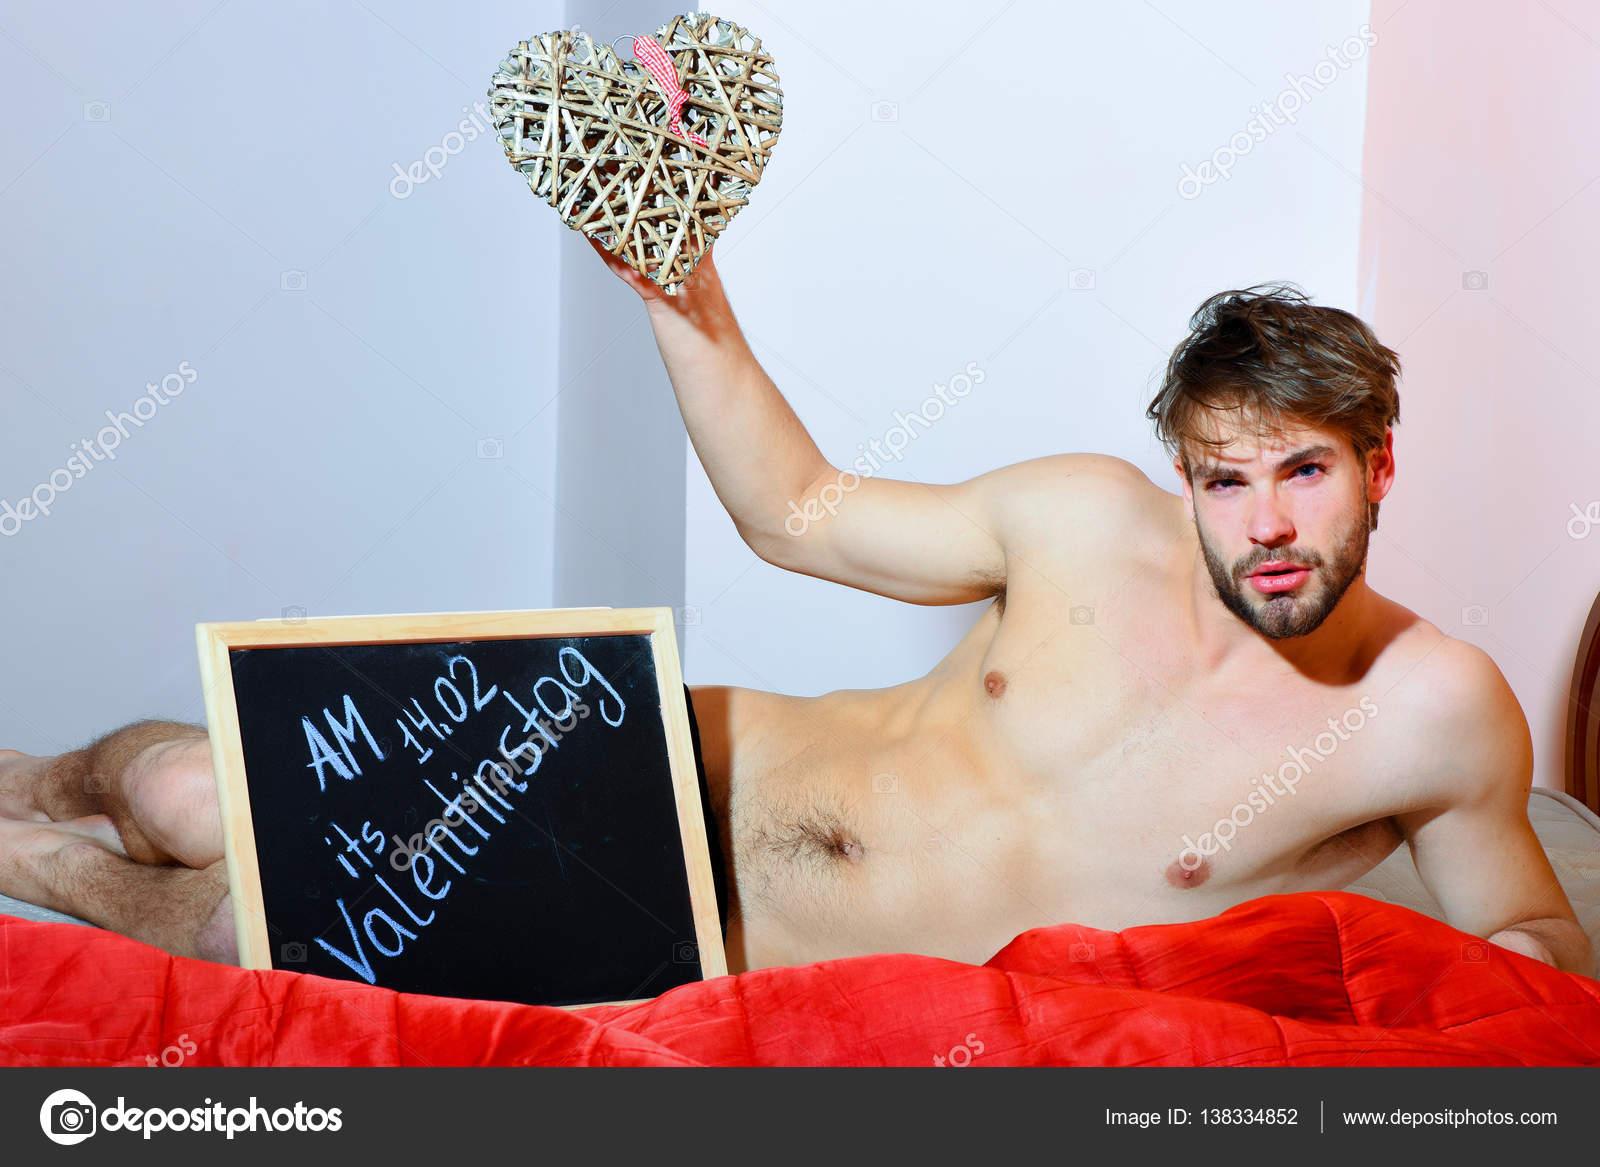 Надпись красивый и сексуальный